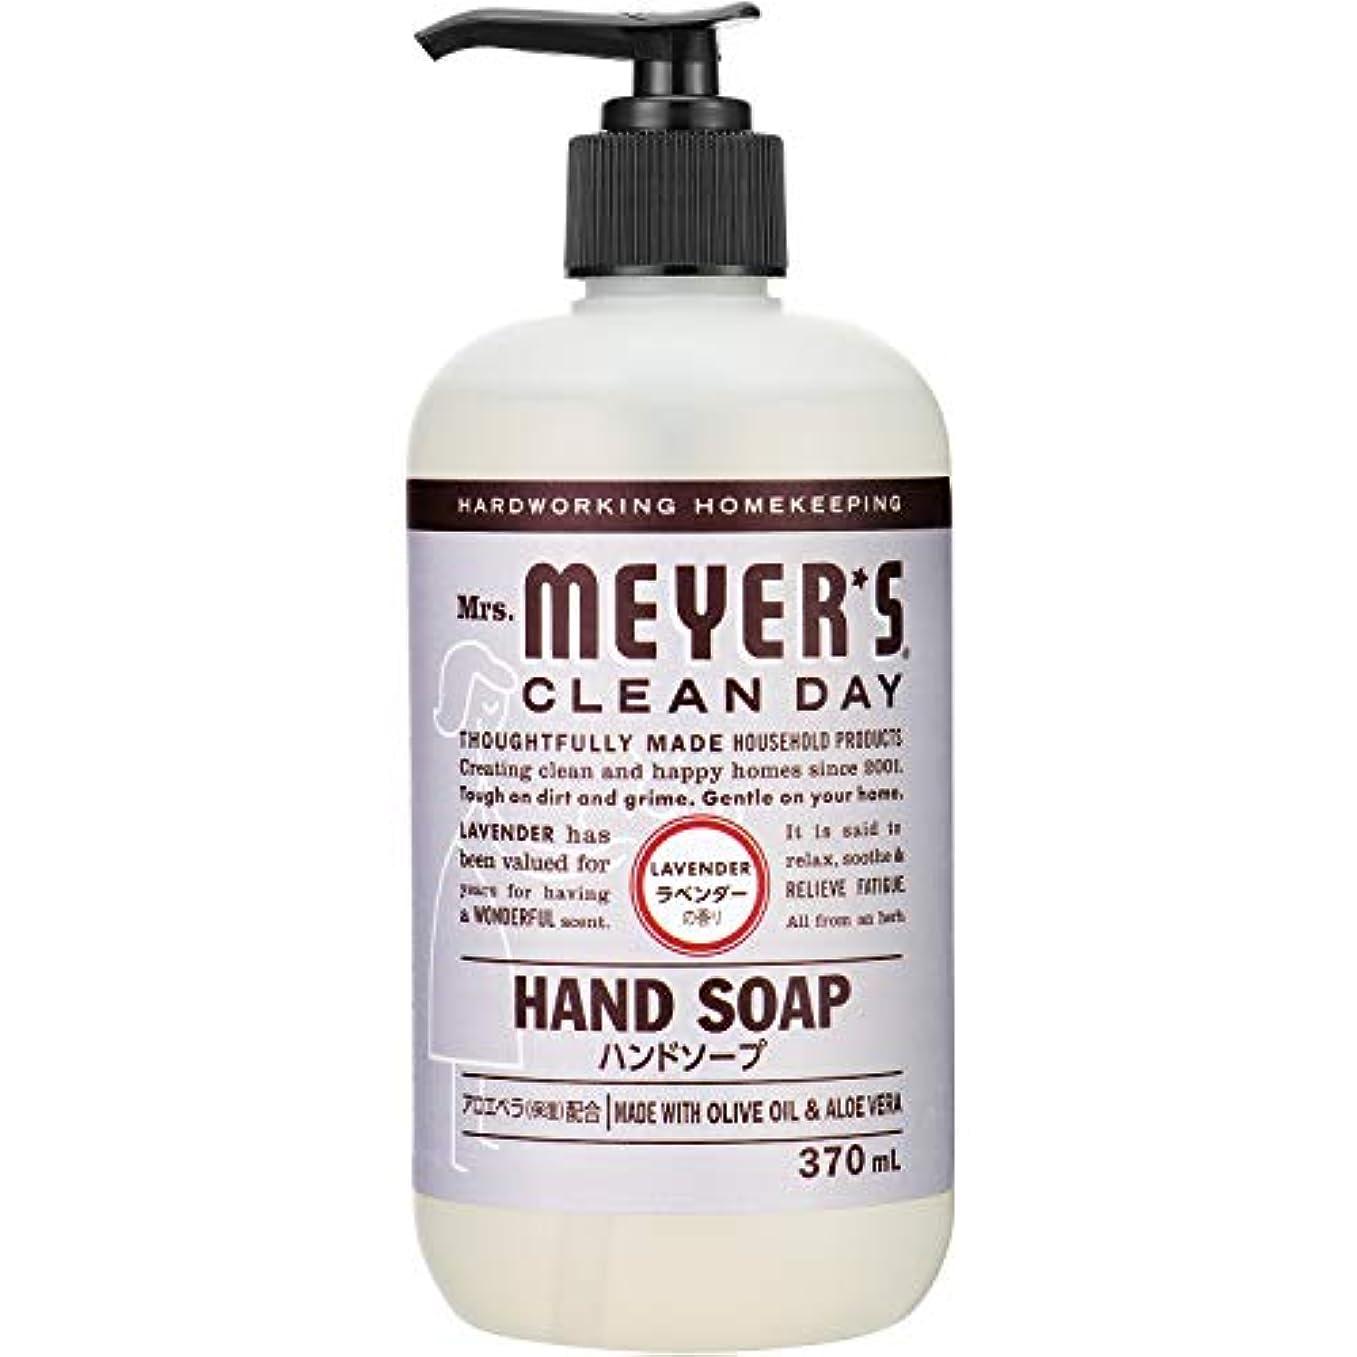 ギャロップ聴く更新するMrs. MEYER'S CLEAN DAY(ミセスマイヤーズ クリーンデイ) ミセスマイヤーズ クリーンデイ(Mrs.Meyers Clean Day) ハンドソープ ラベンダーの香り 370ml